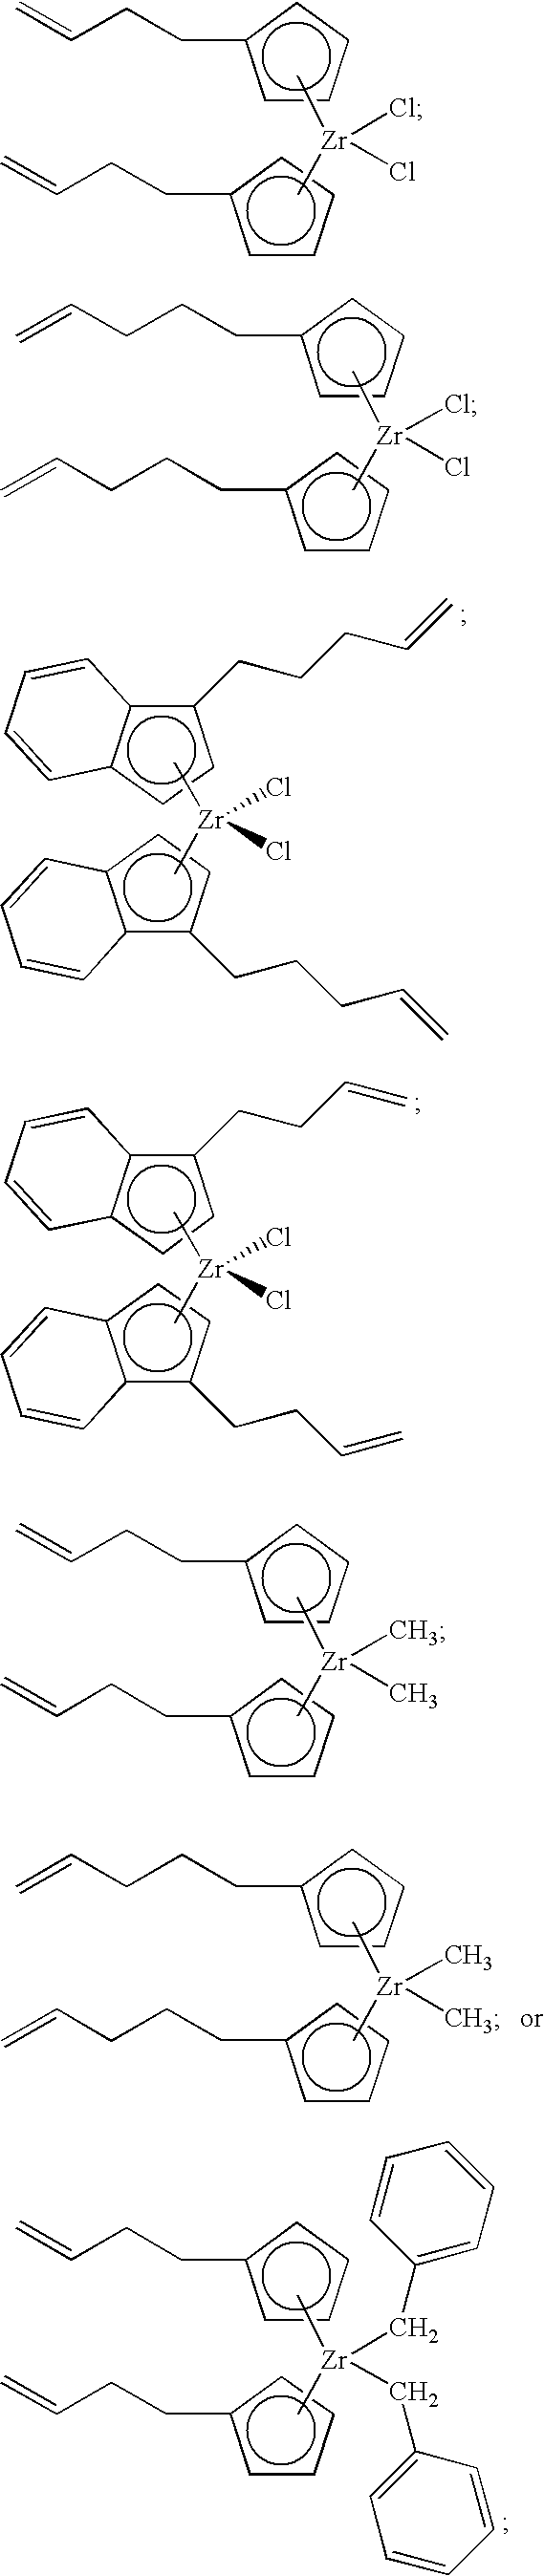 Figure US07884163-20110208-C00016